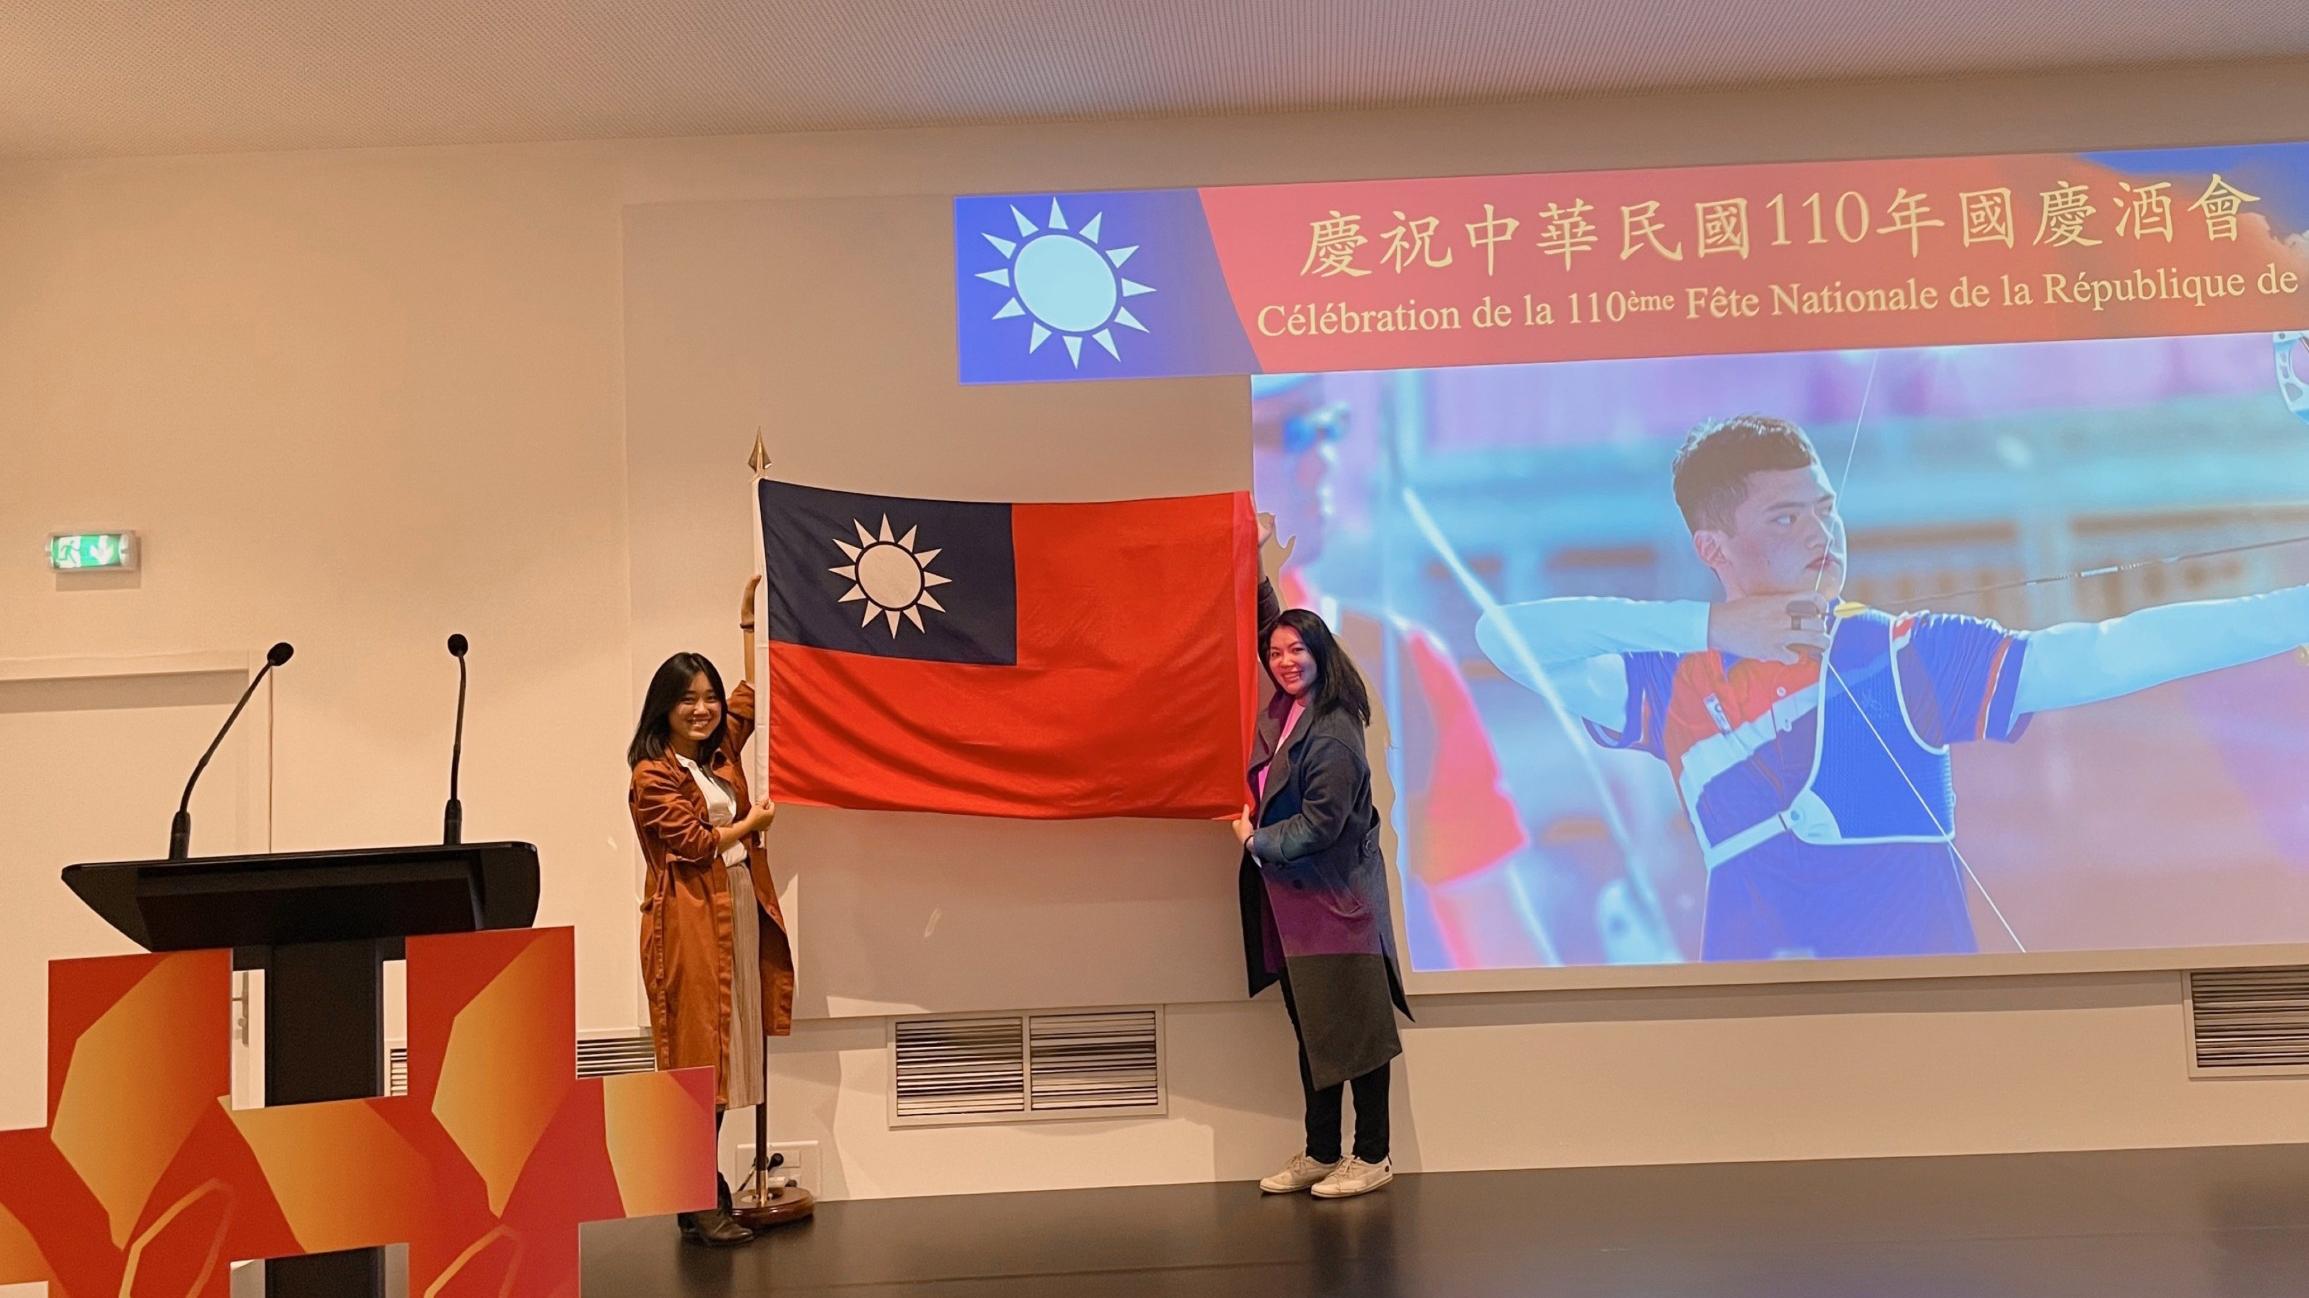 旅法侨胞自备国旗在会场舞台合影。(蔡凌提供)